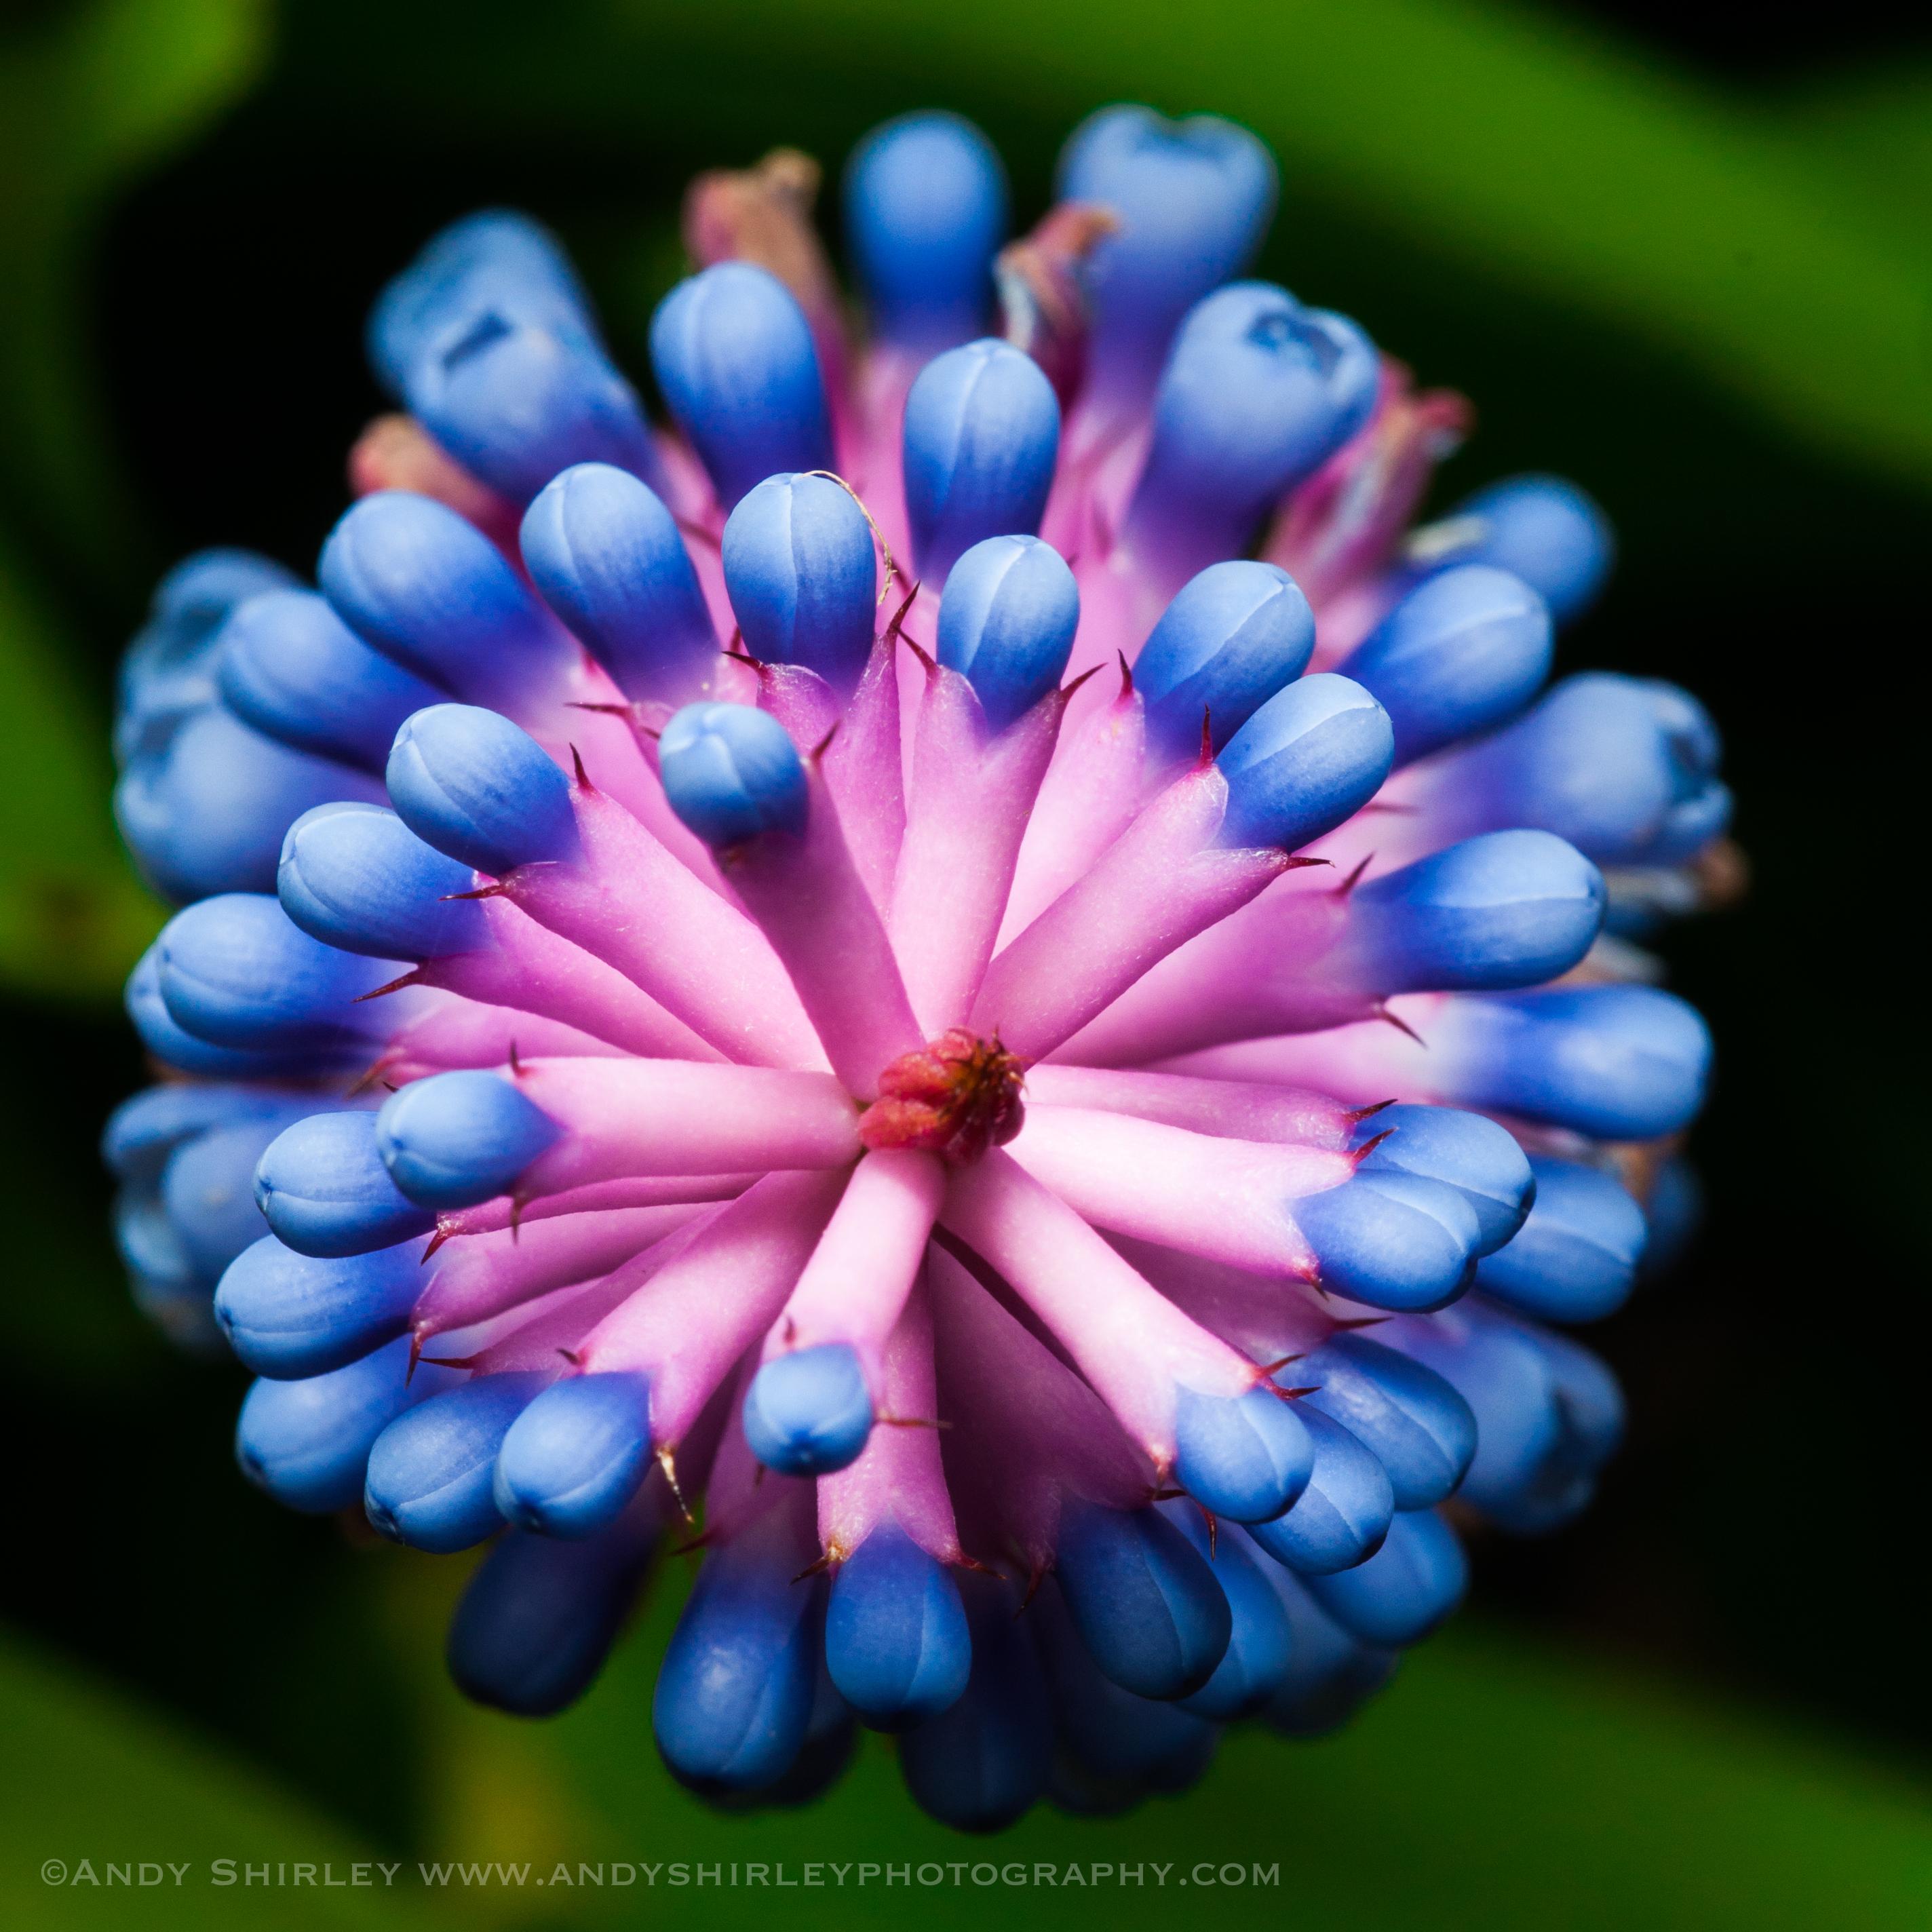 Matchstick bromeliad from Maui, Aechmea gamosepala[OC][2848×2848]